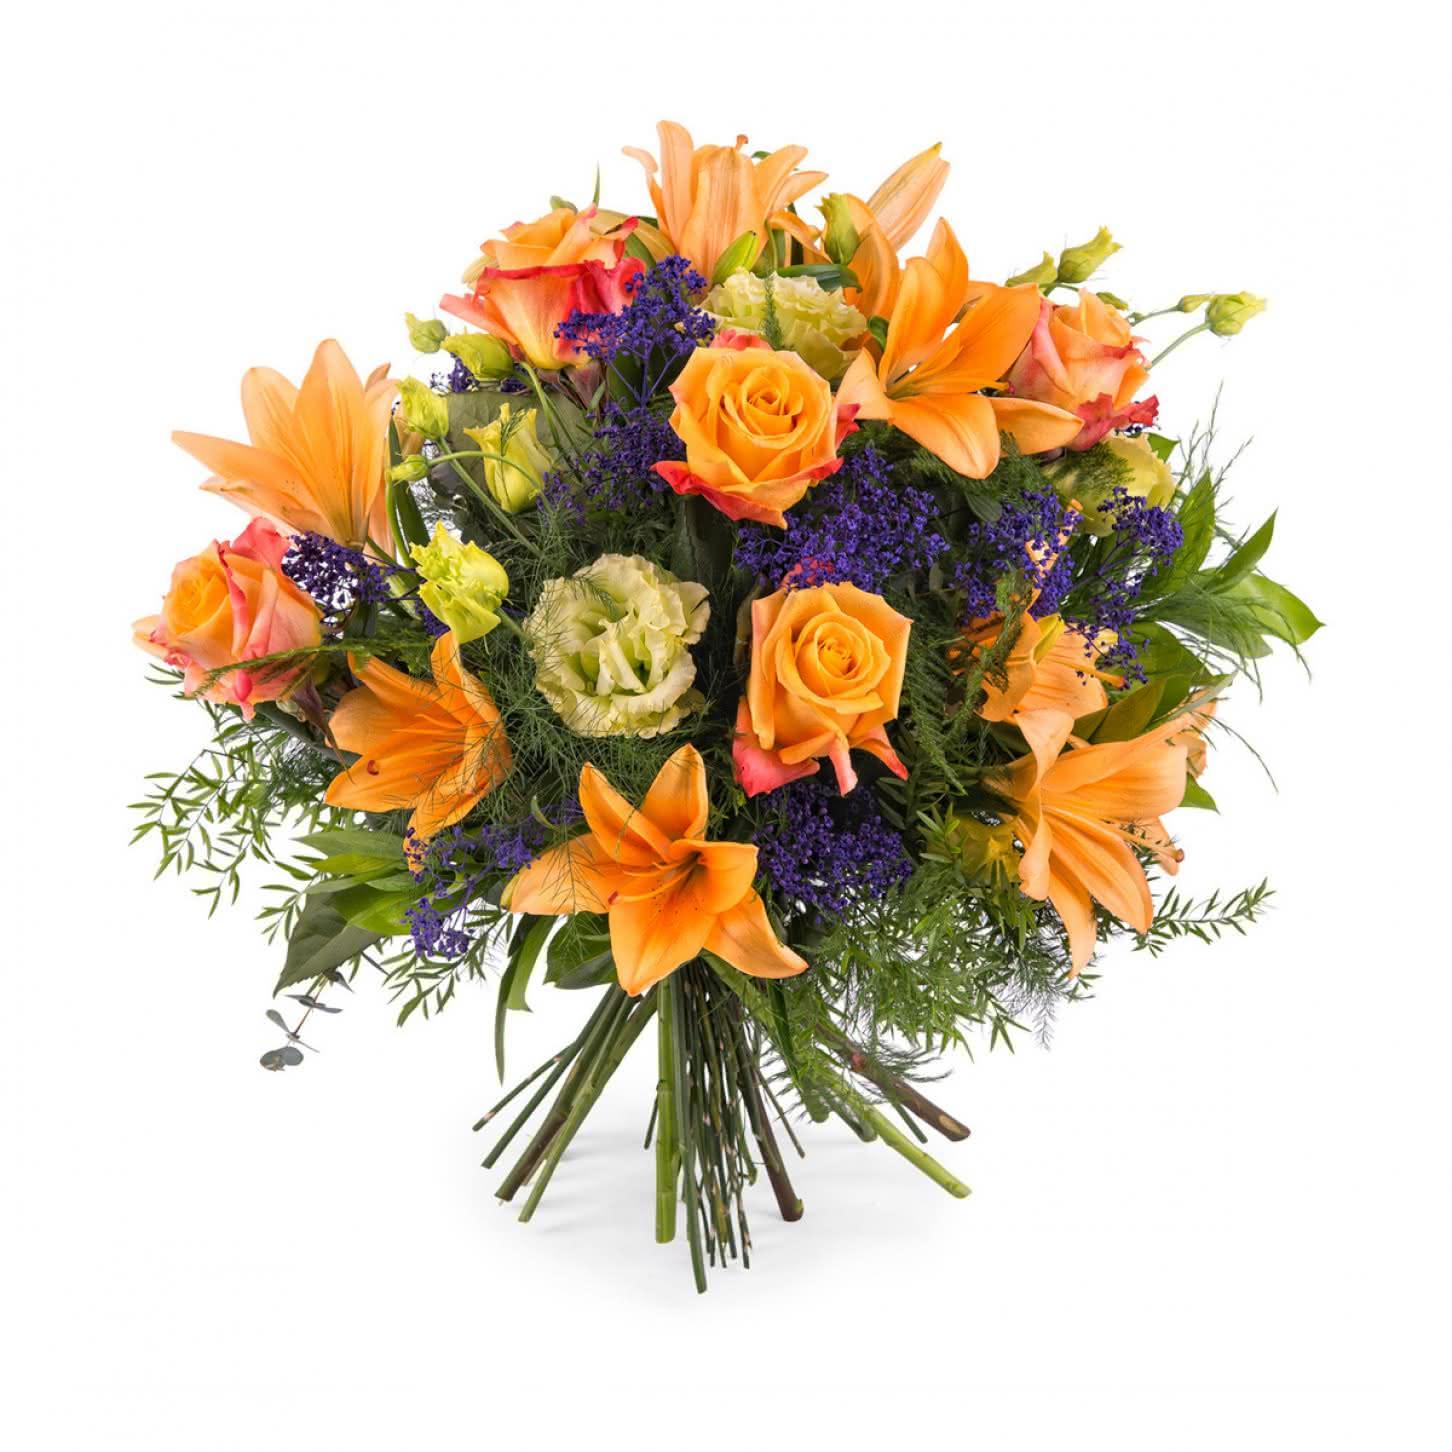 atlntico ramo especial con rosas naranjas - Imagenes De Ramos De Flores